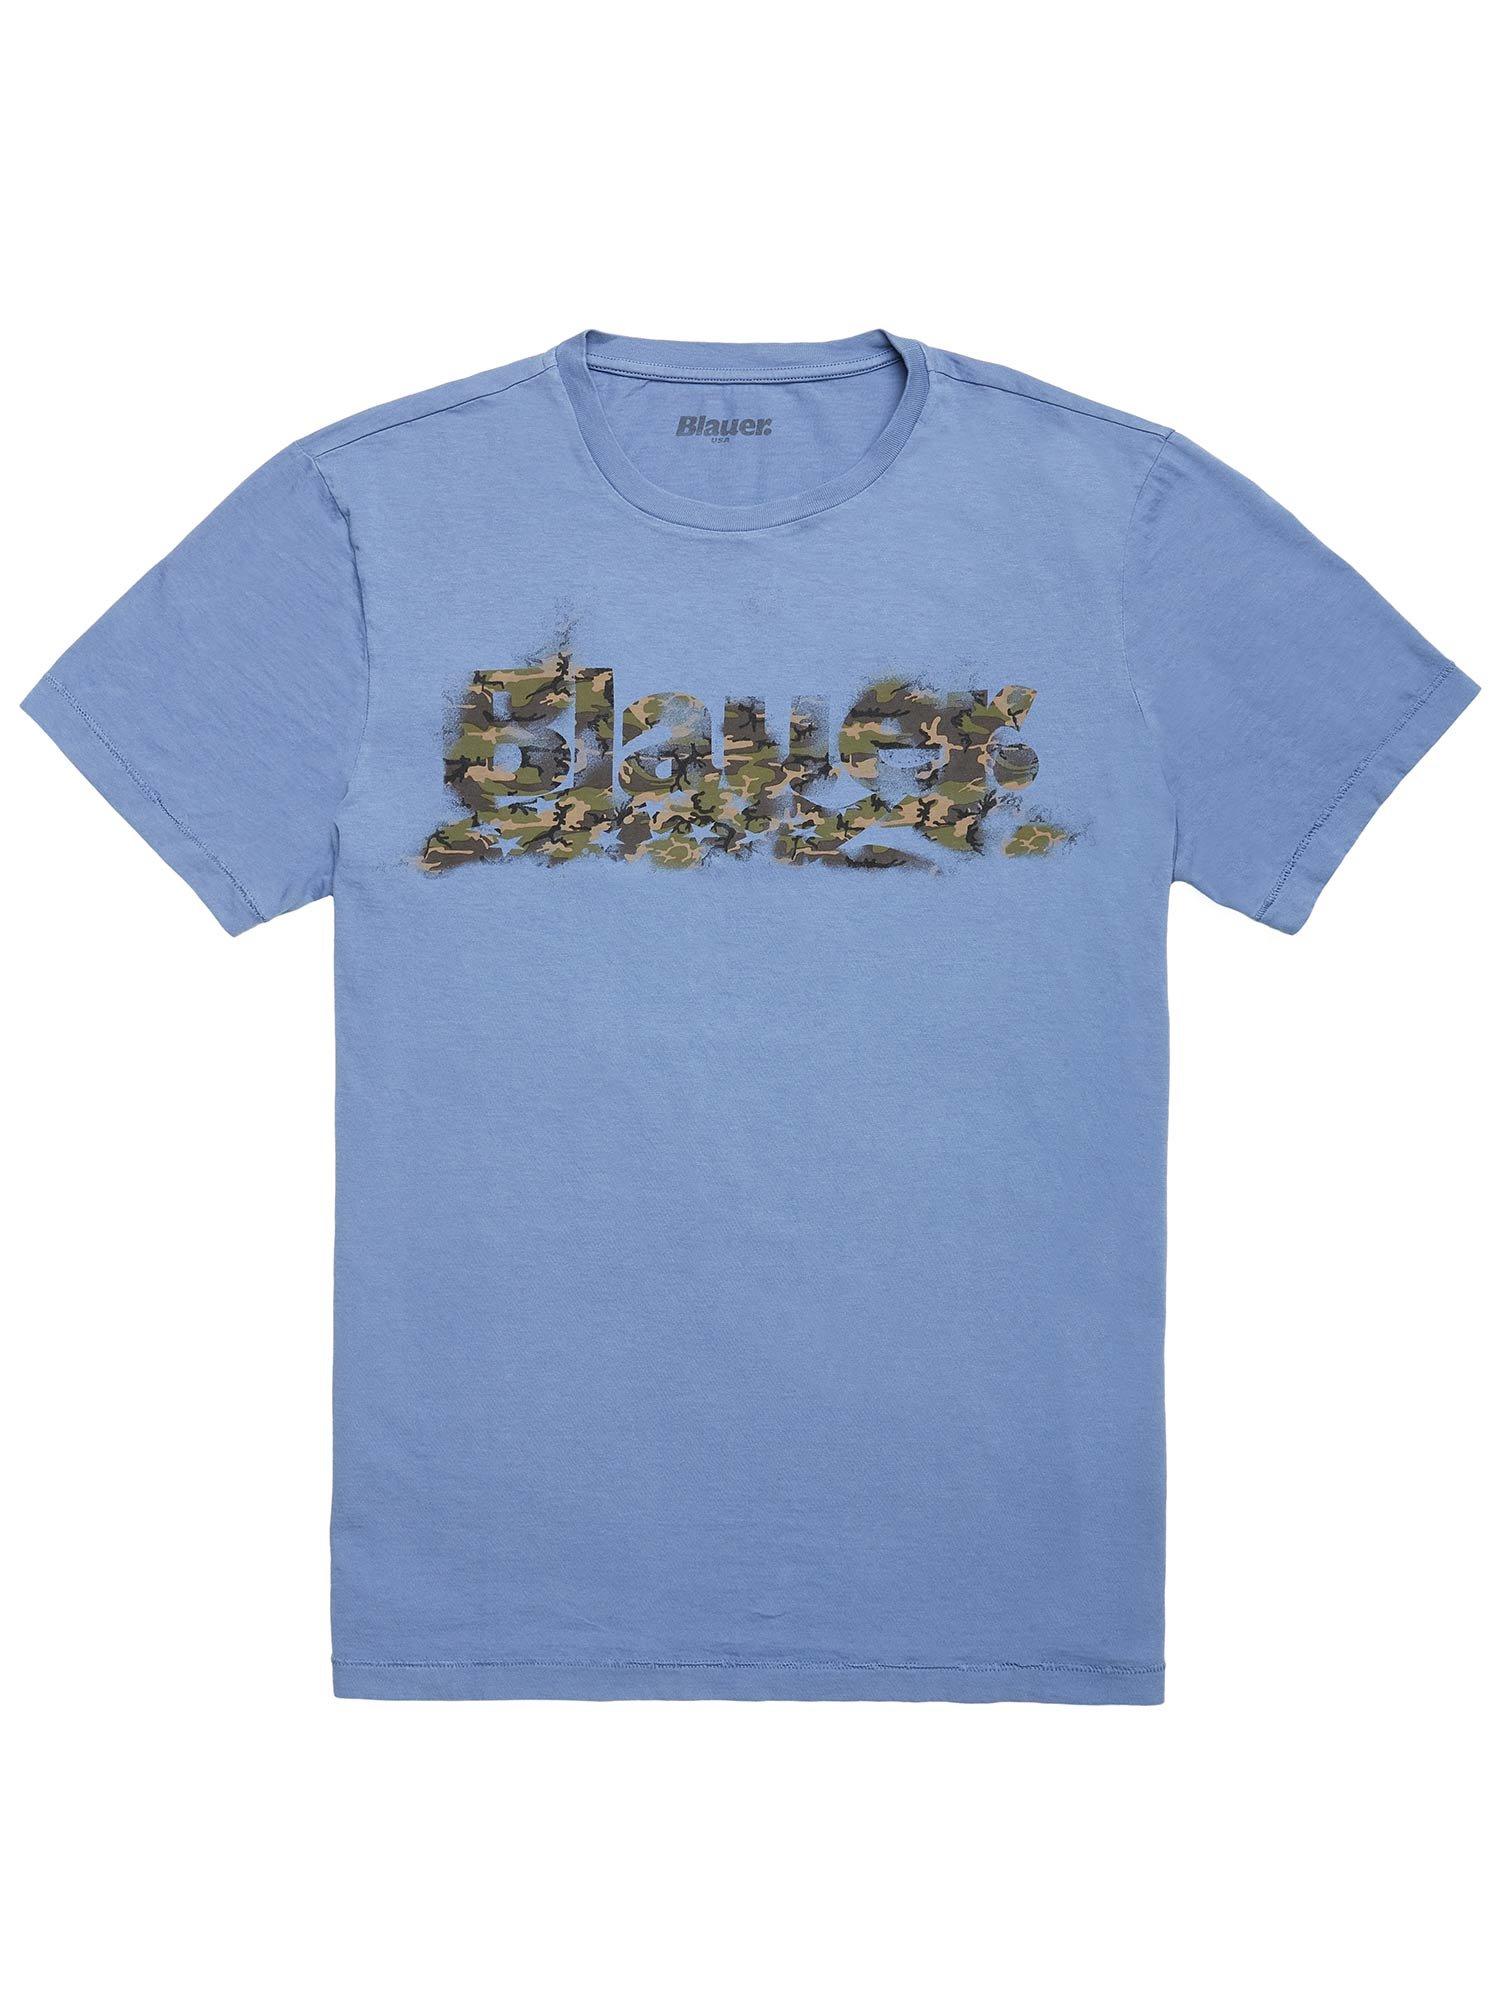 BLAUER CAMO PRINT T-SHIRT - Blauer